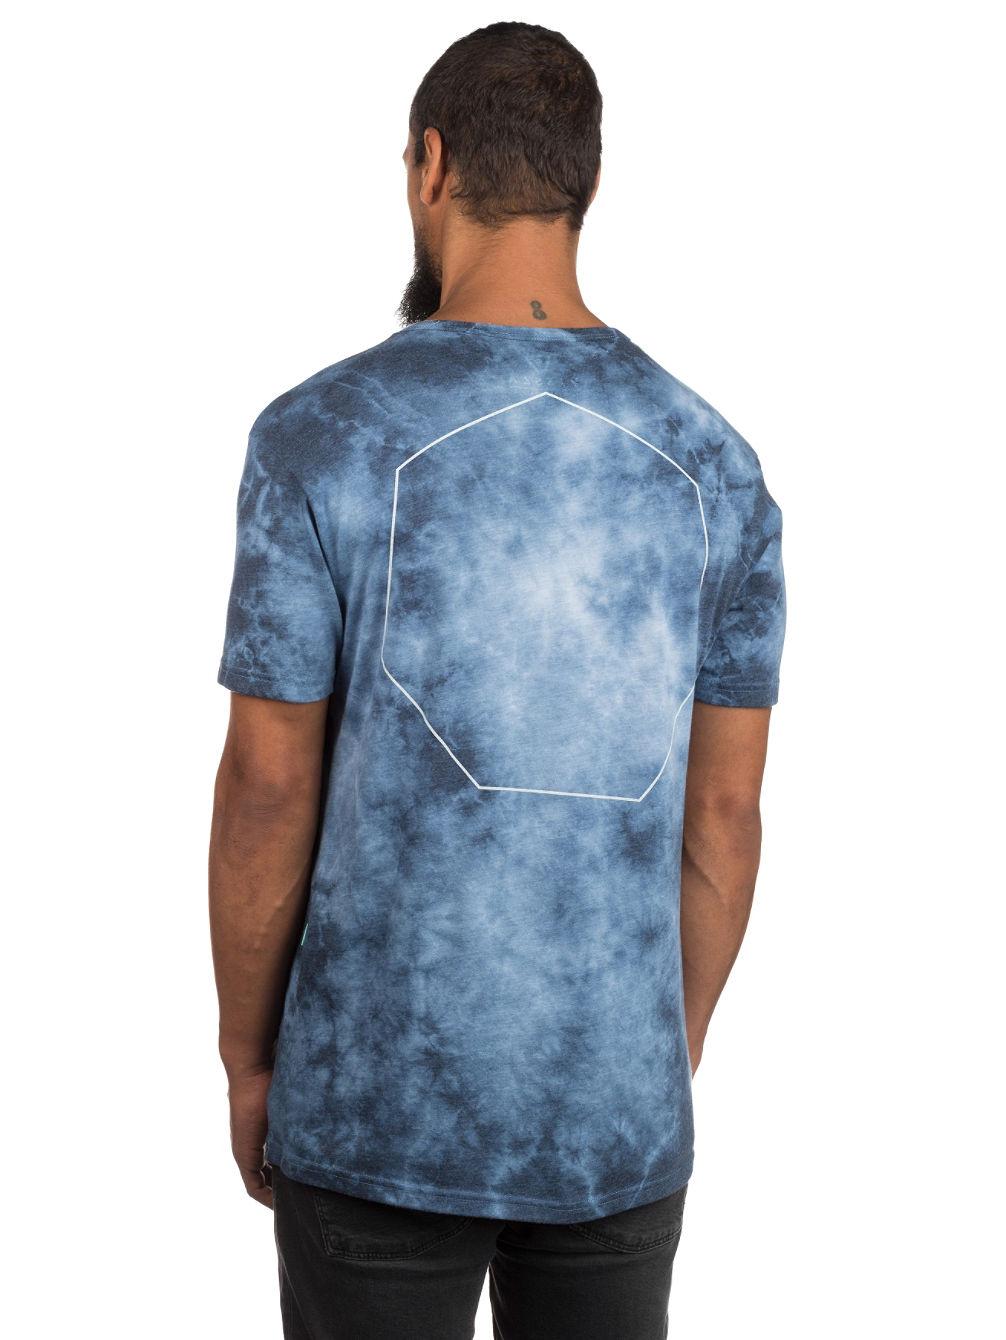 Compra Vissla Free Range Tie Dye Camiseta en línea en blue-tomato.com f95ad5b7e4473